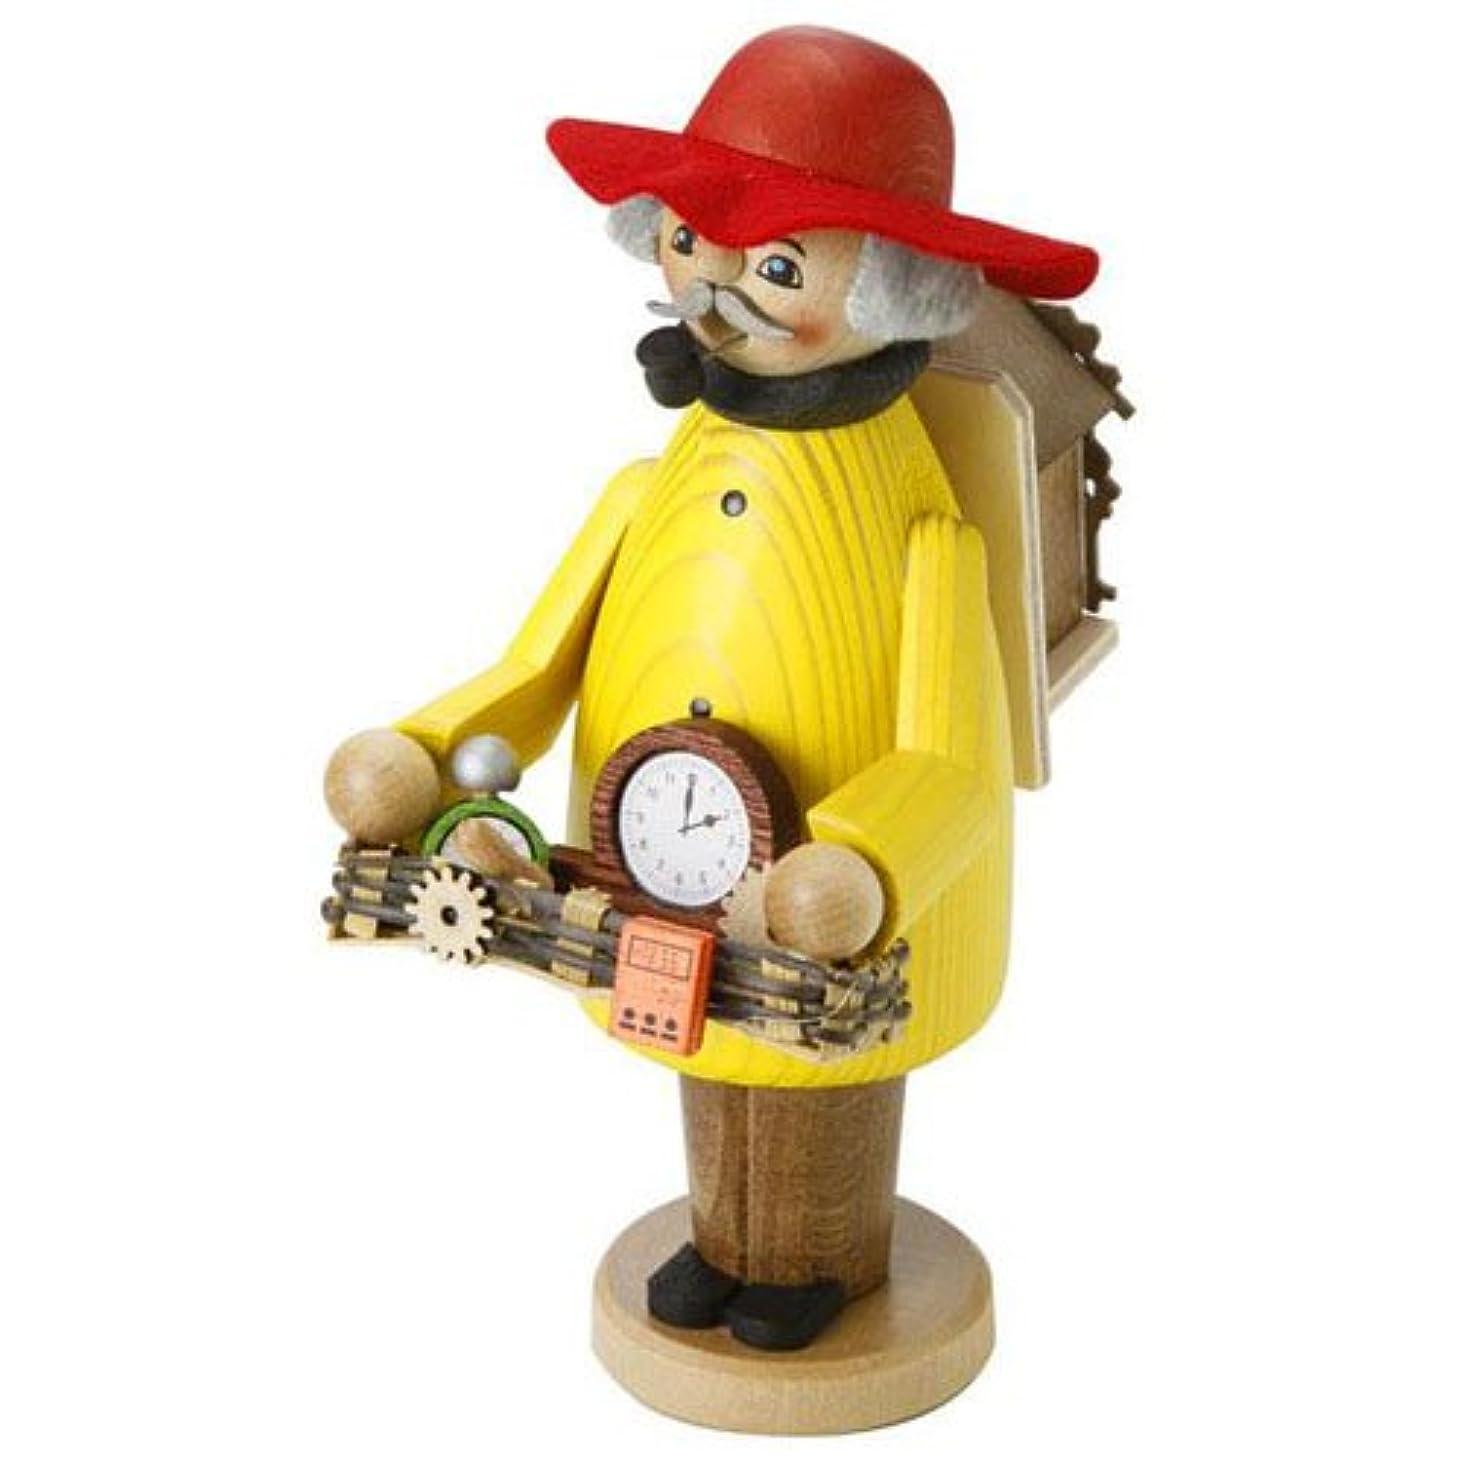 kuhnert ミニパイプ人形香炉 時計売り